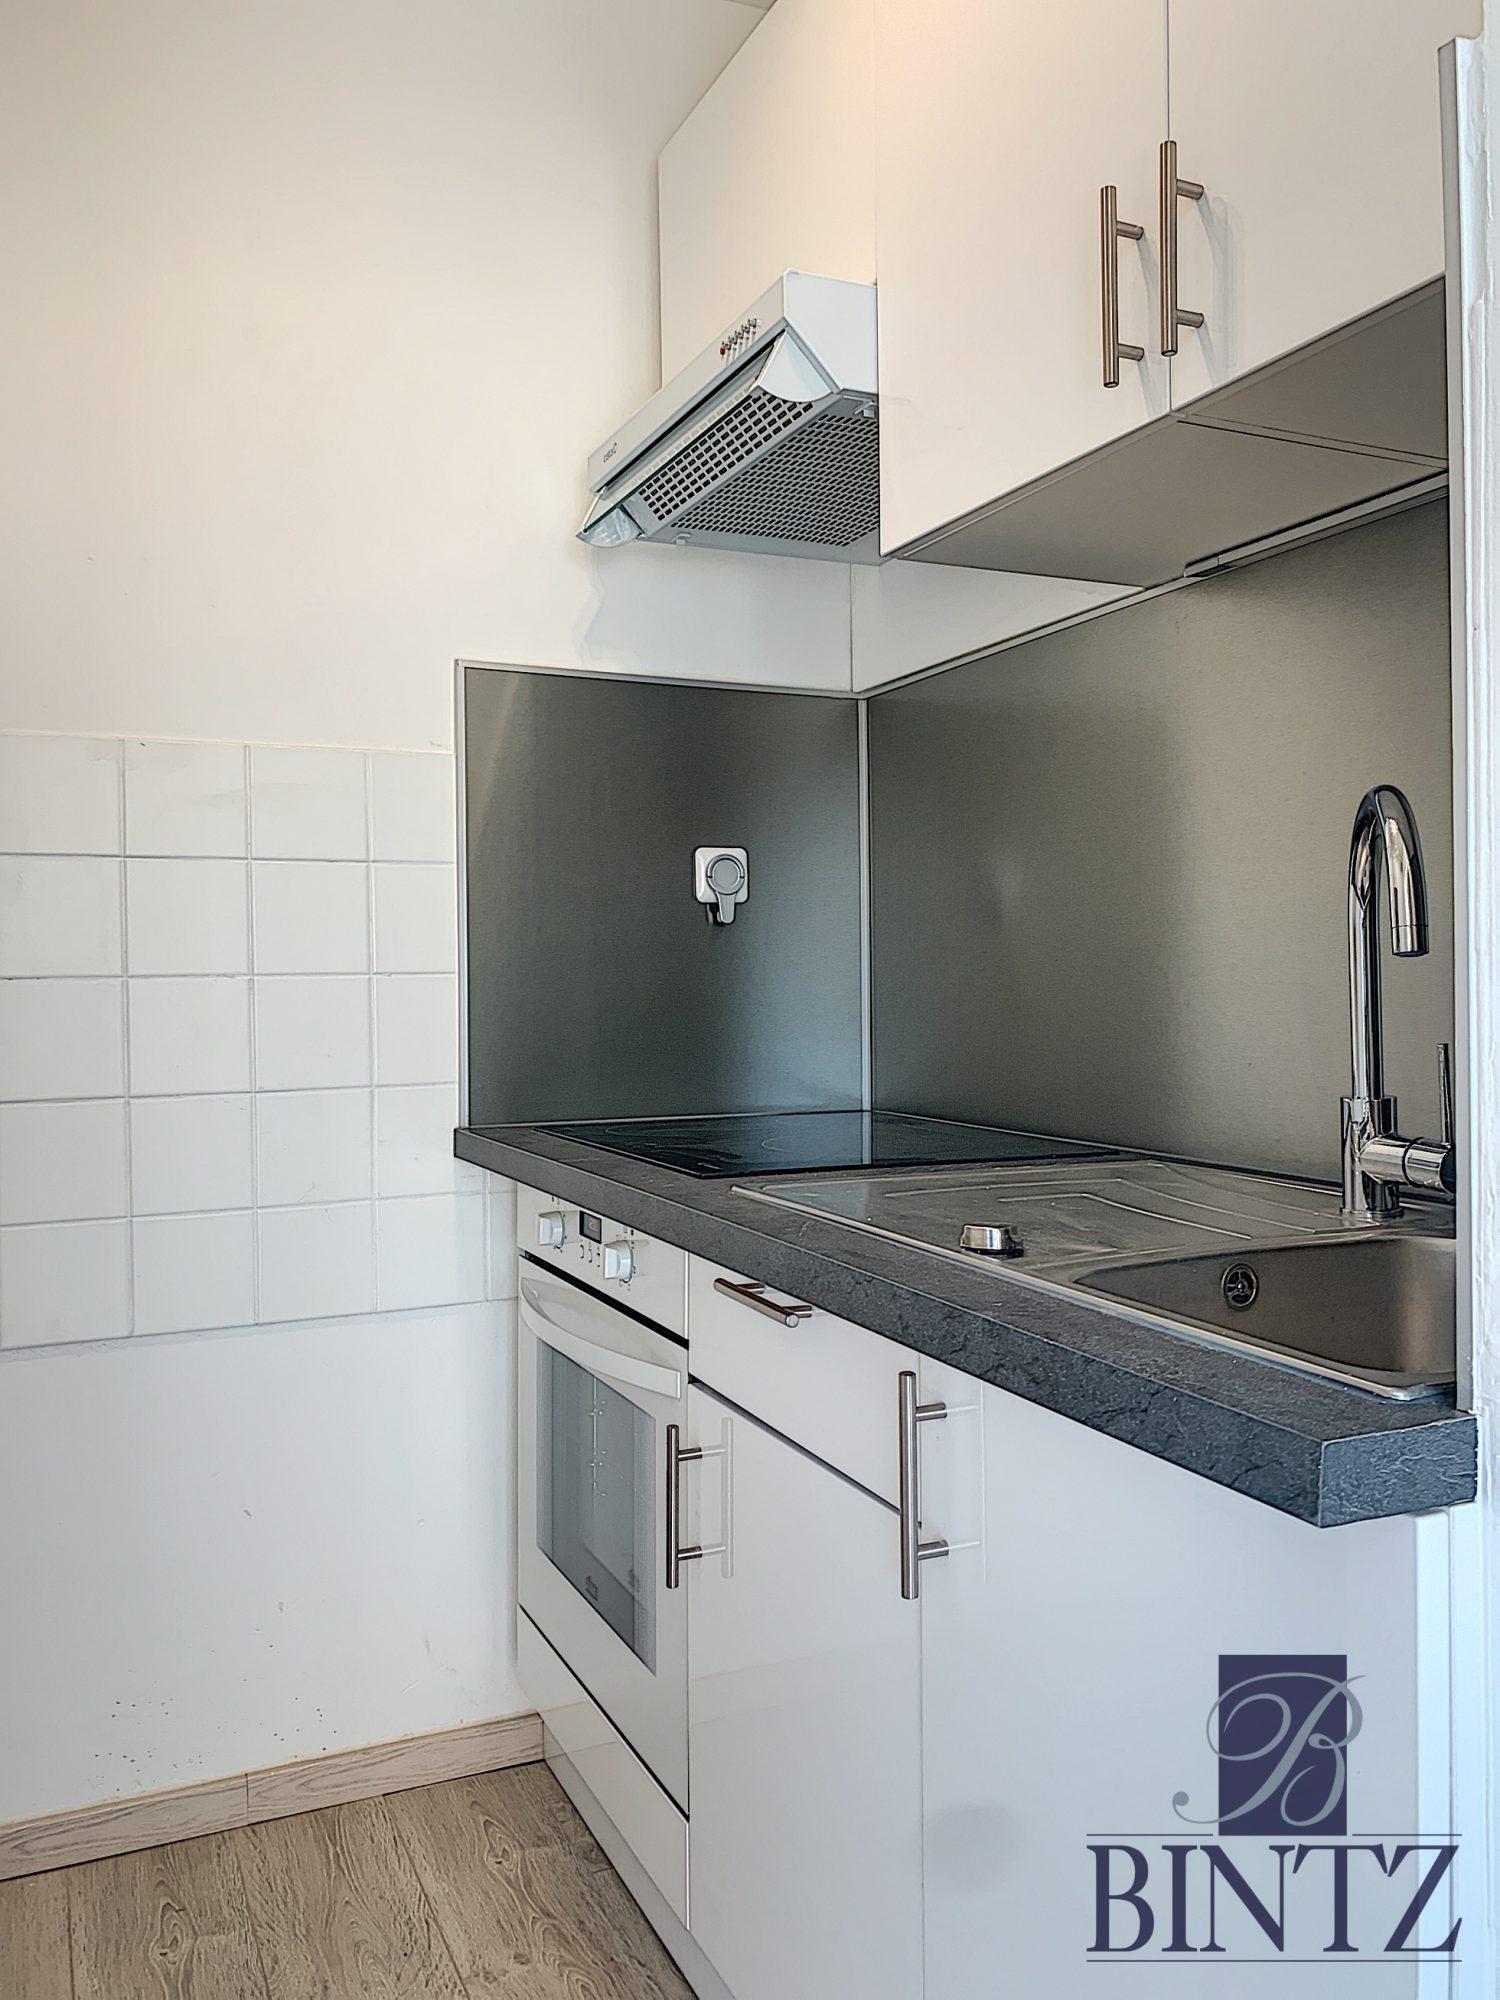 2 PIECES MEUBLE HYPER CENTRE - Devenez locataire en toute sérénité - Bintz Immobilier - 5